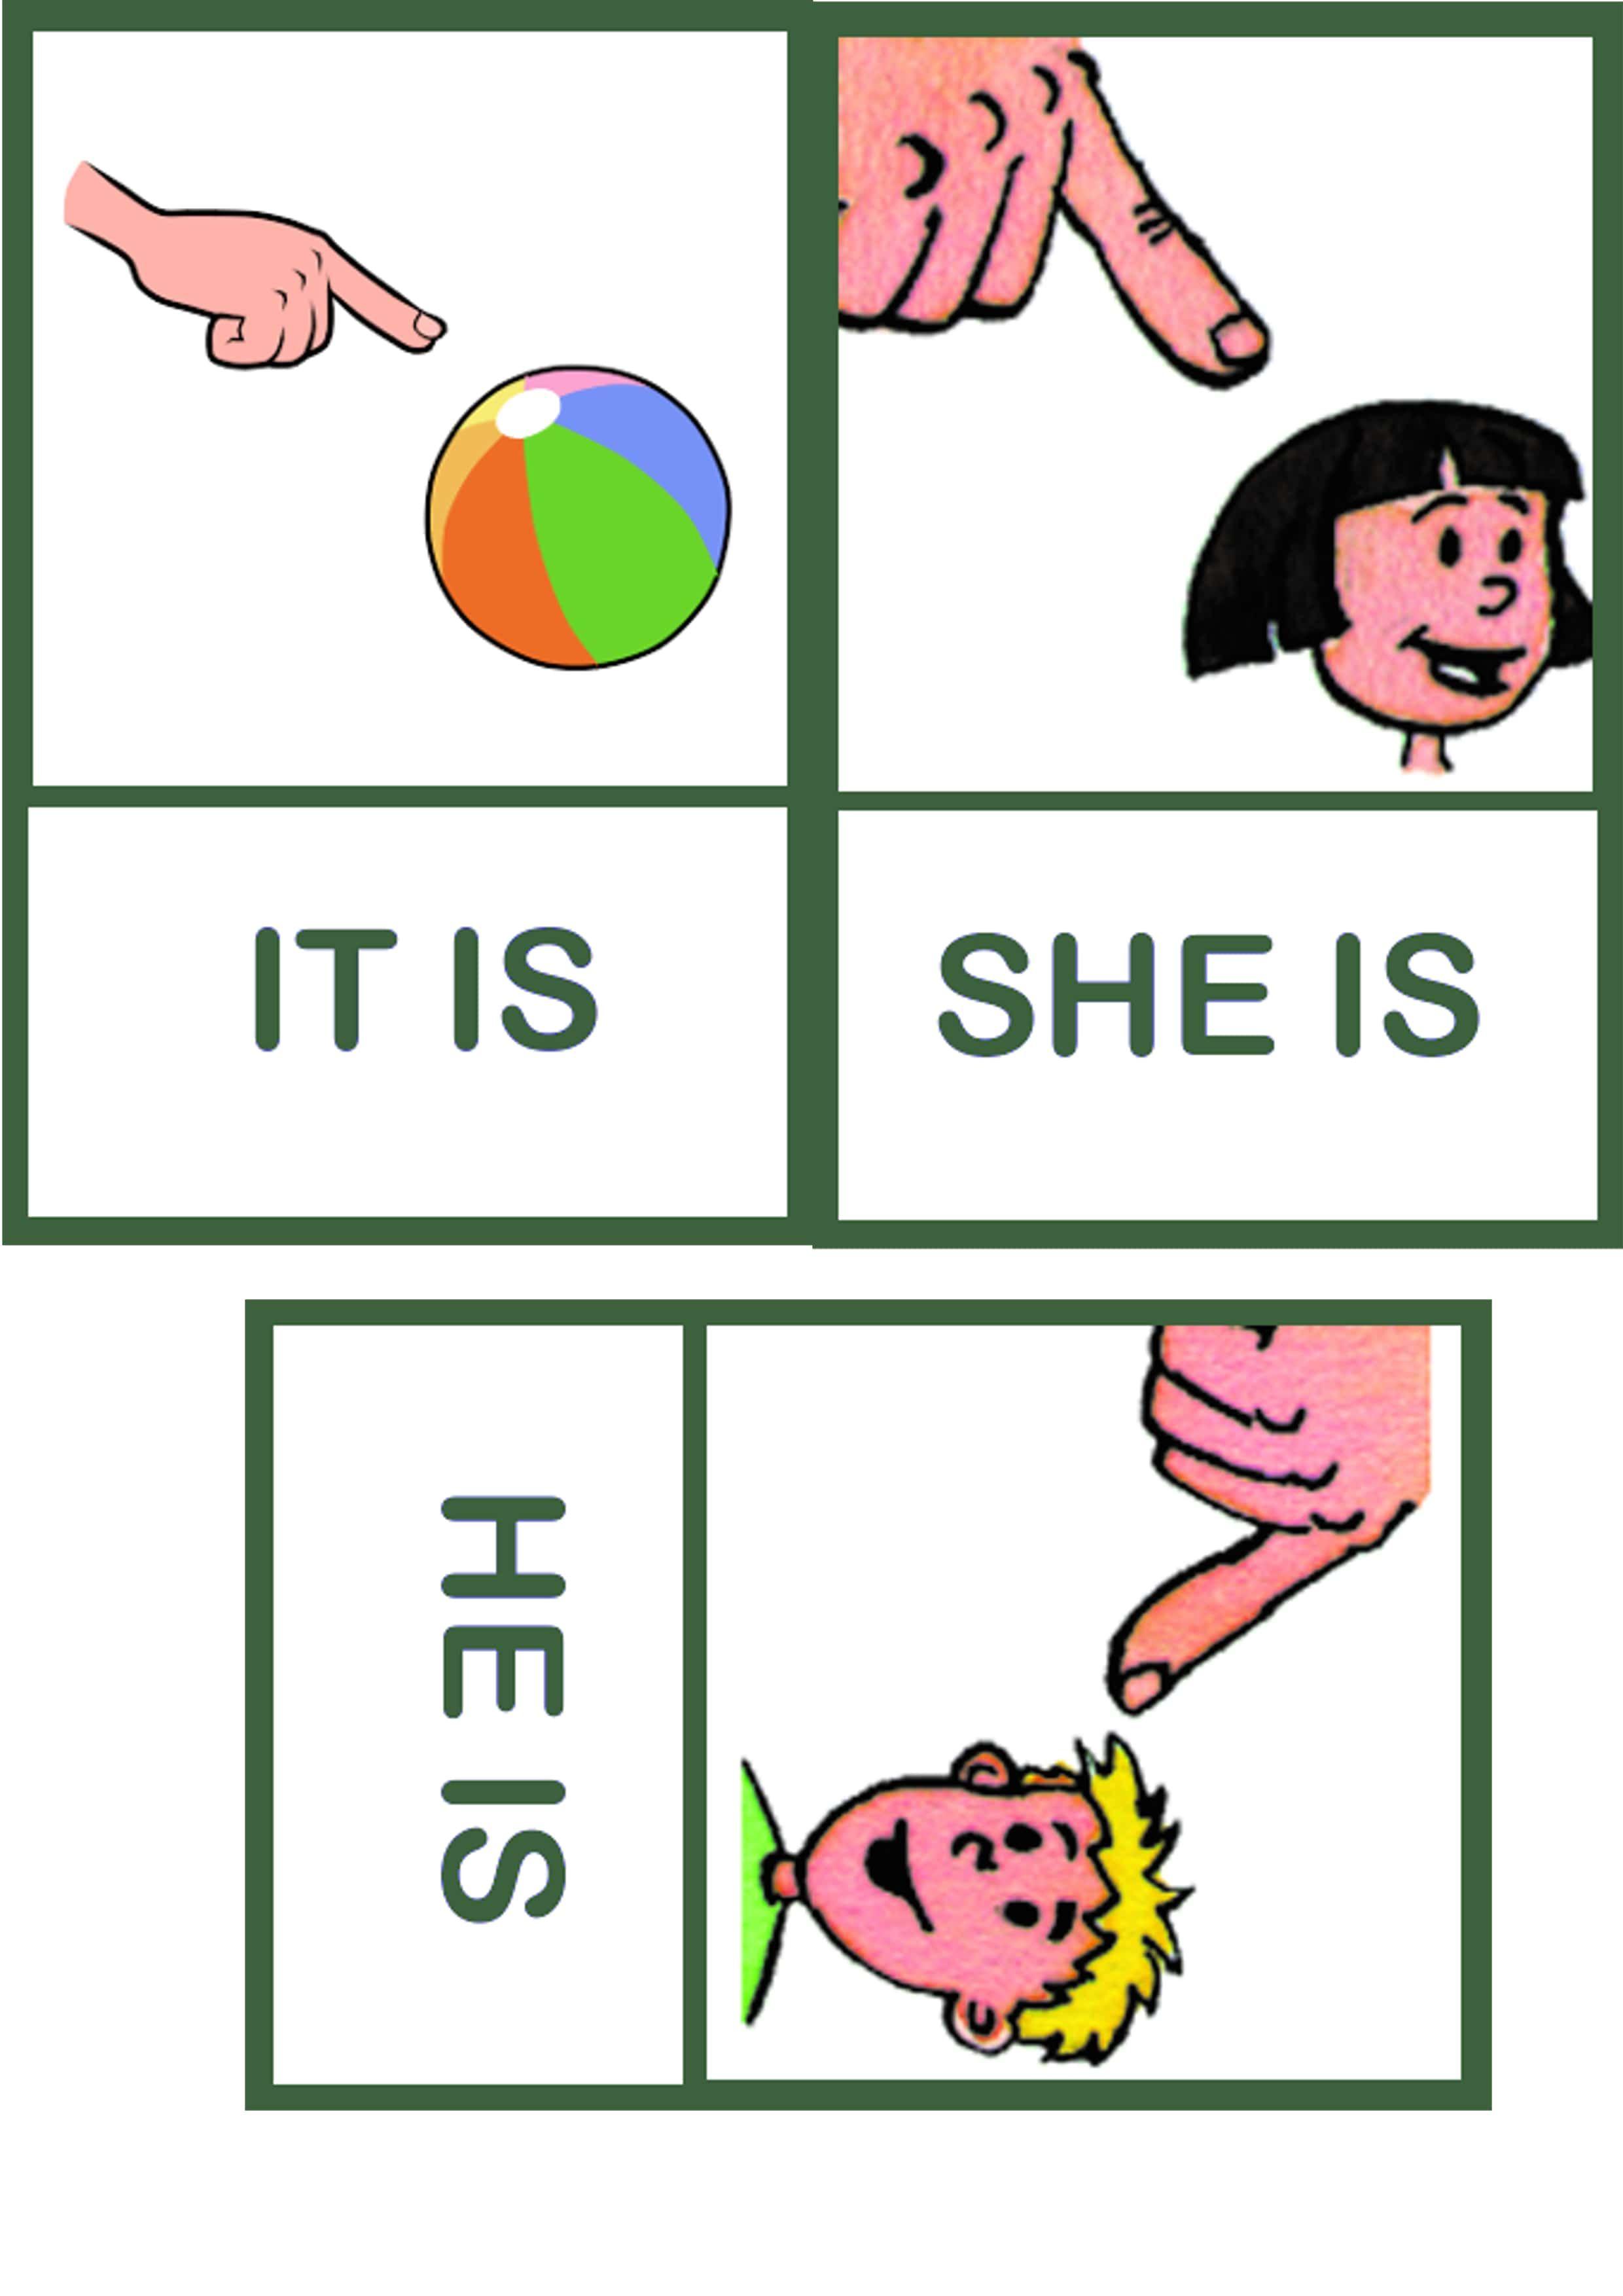 Grammaire anglais - la contraction | Grammaire anglaise ...